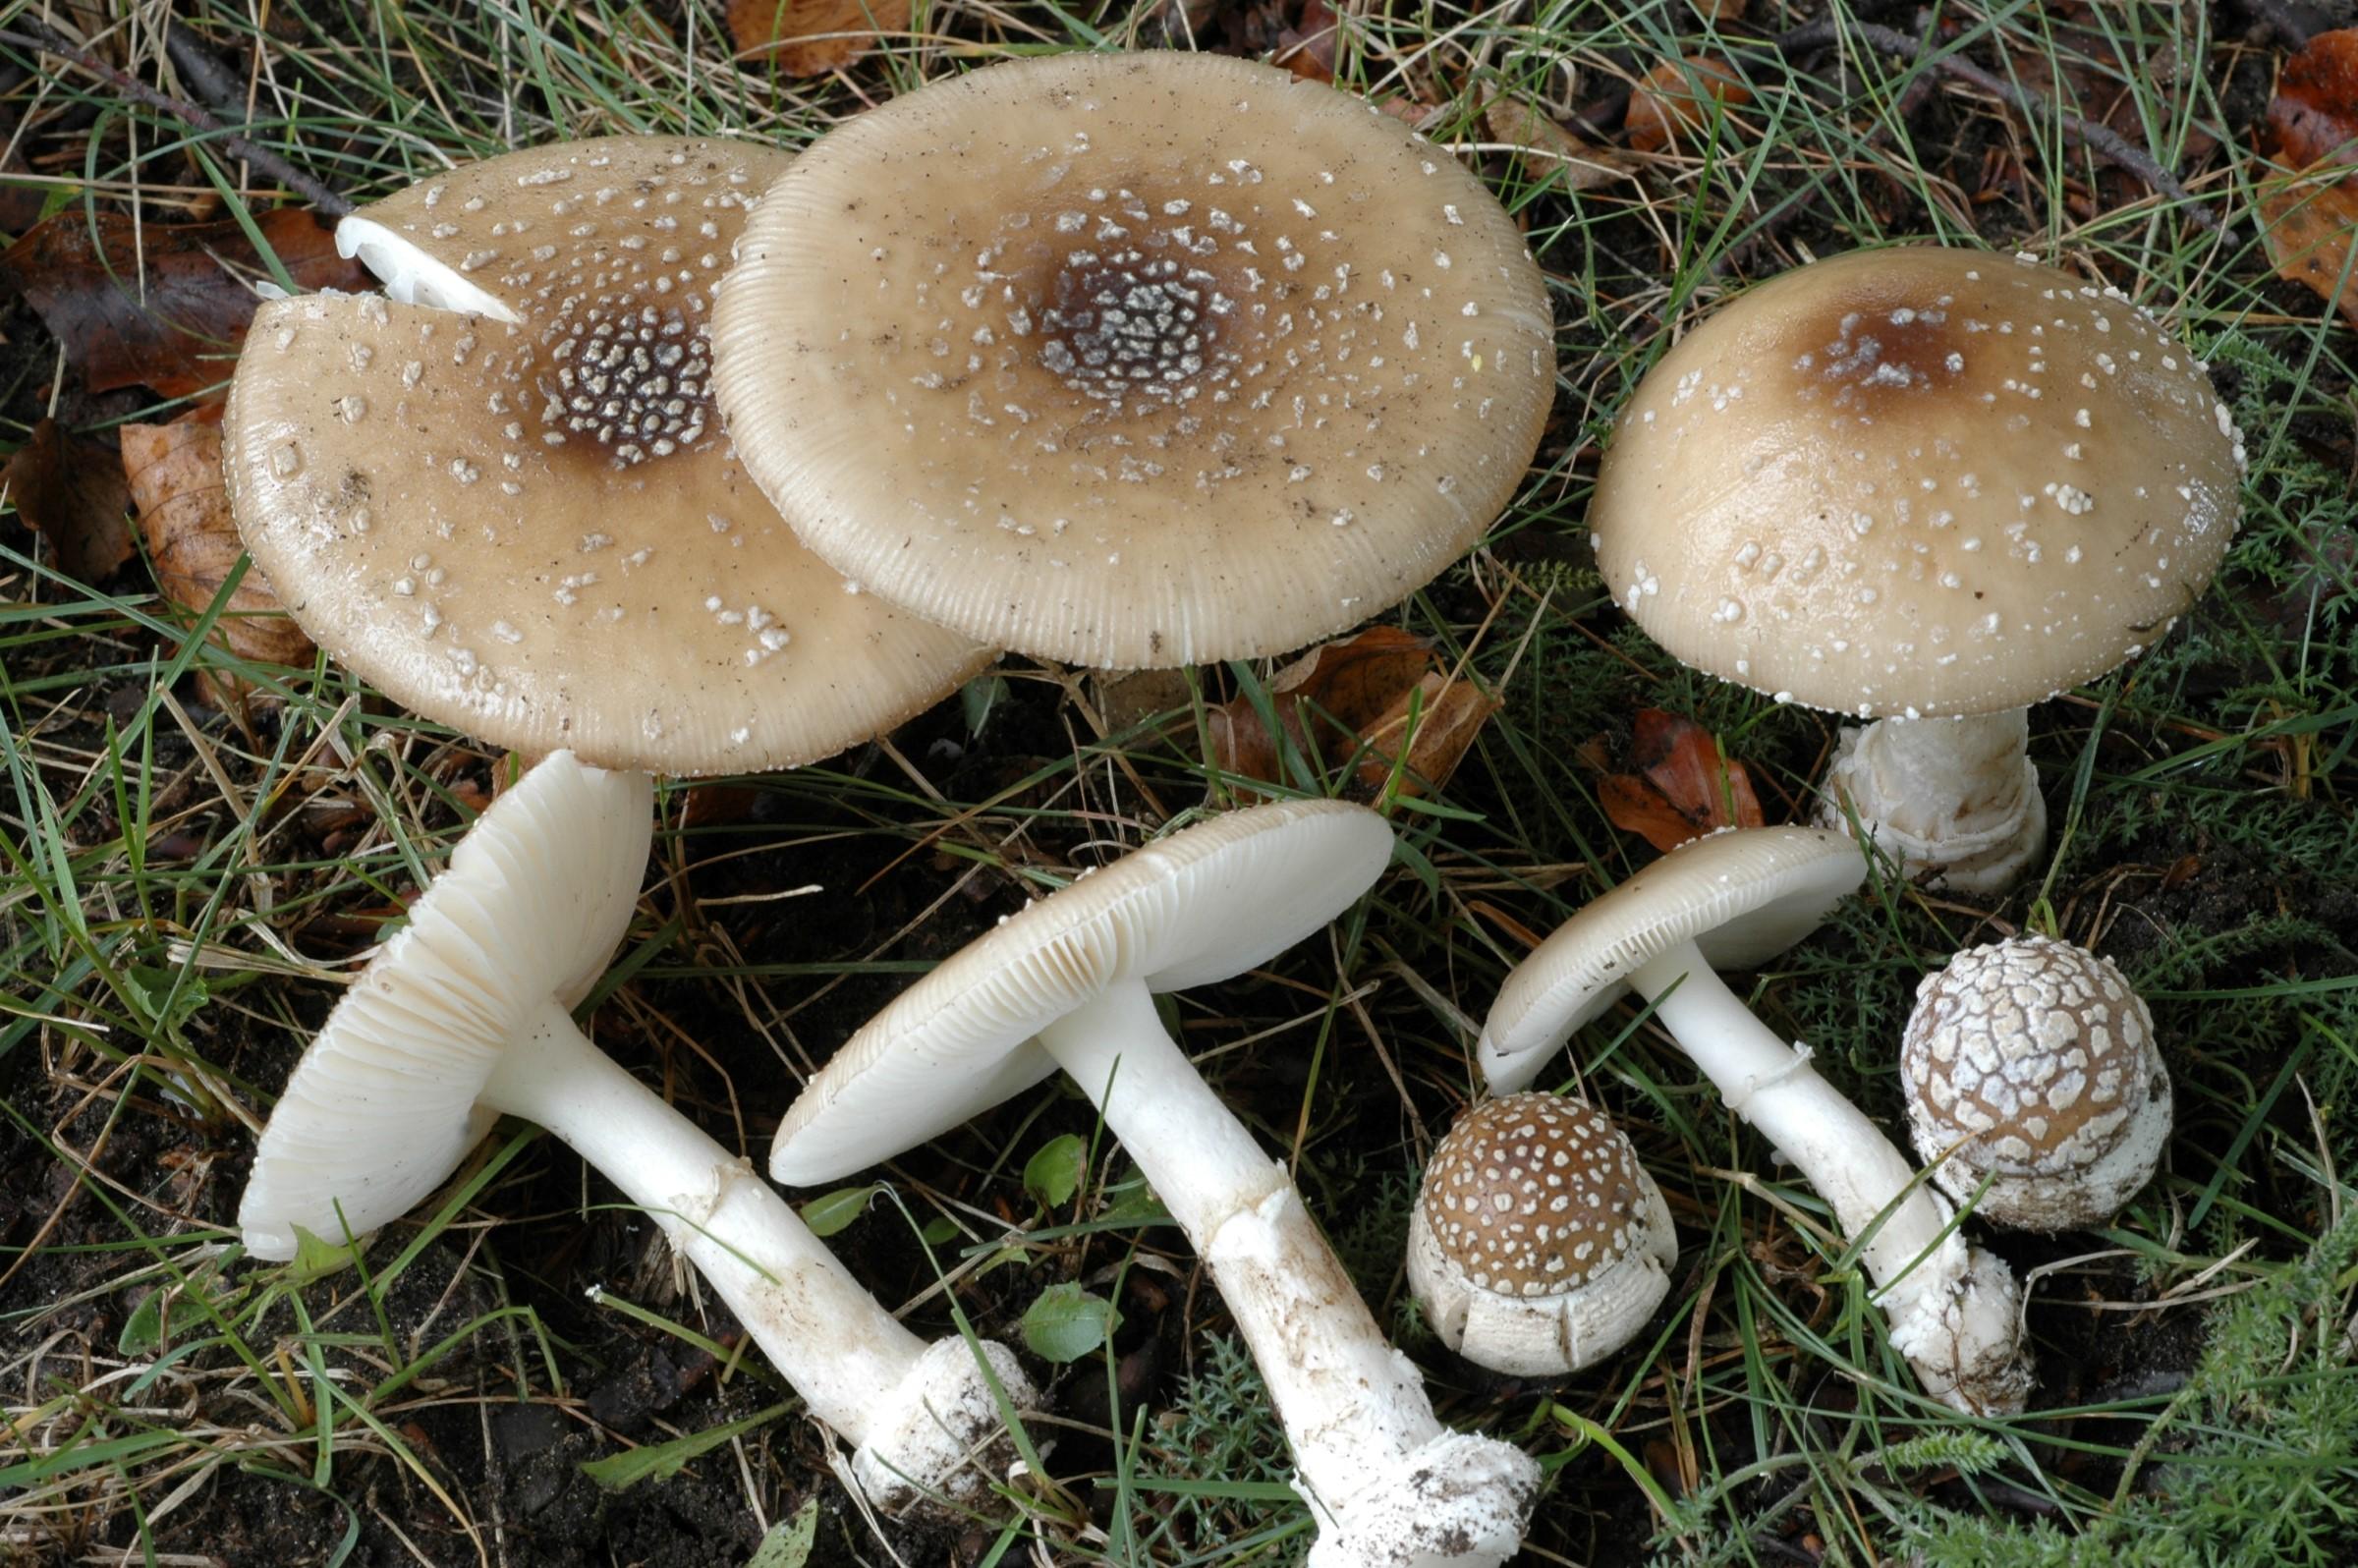 Soppen har en halvkuleformet til utflatet, brun Her er panterfluesoppen illustrert ved 8 sopper liggende i gresset, alle i ulik vekstfase.